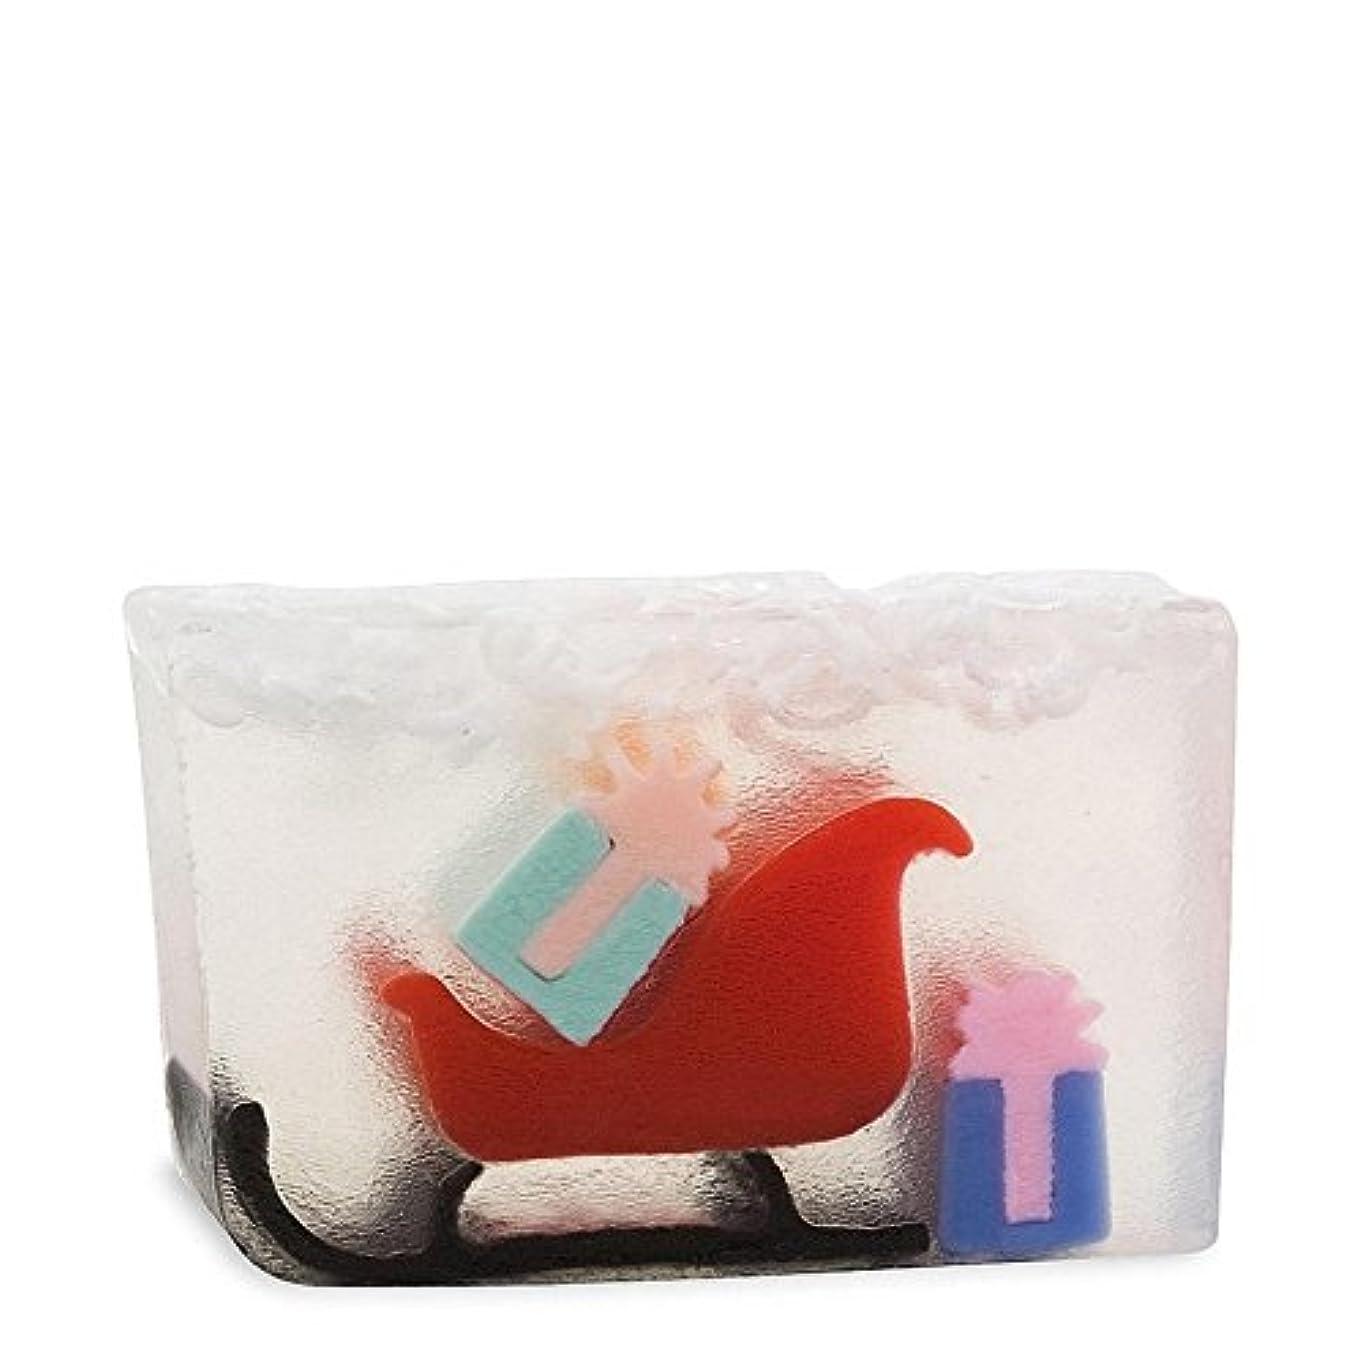 聞きます発明するうぬぼれPrimal Elements Santas Sleigh (Pack of 6) - 原始要素のサンタのそり x6 [並行輸入品]